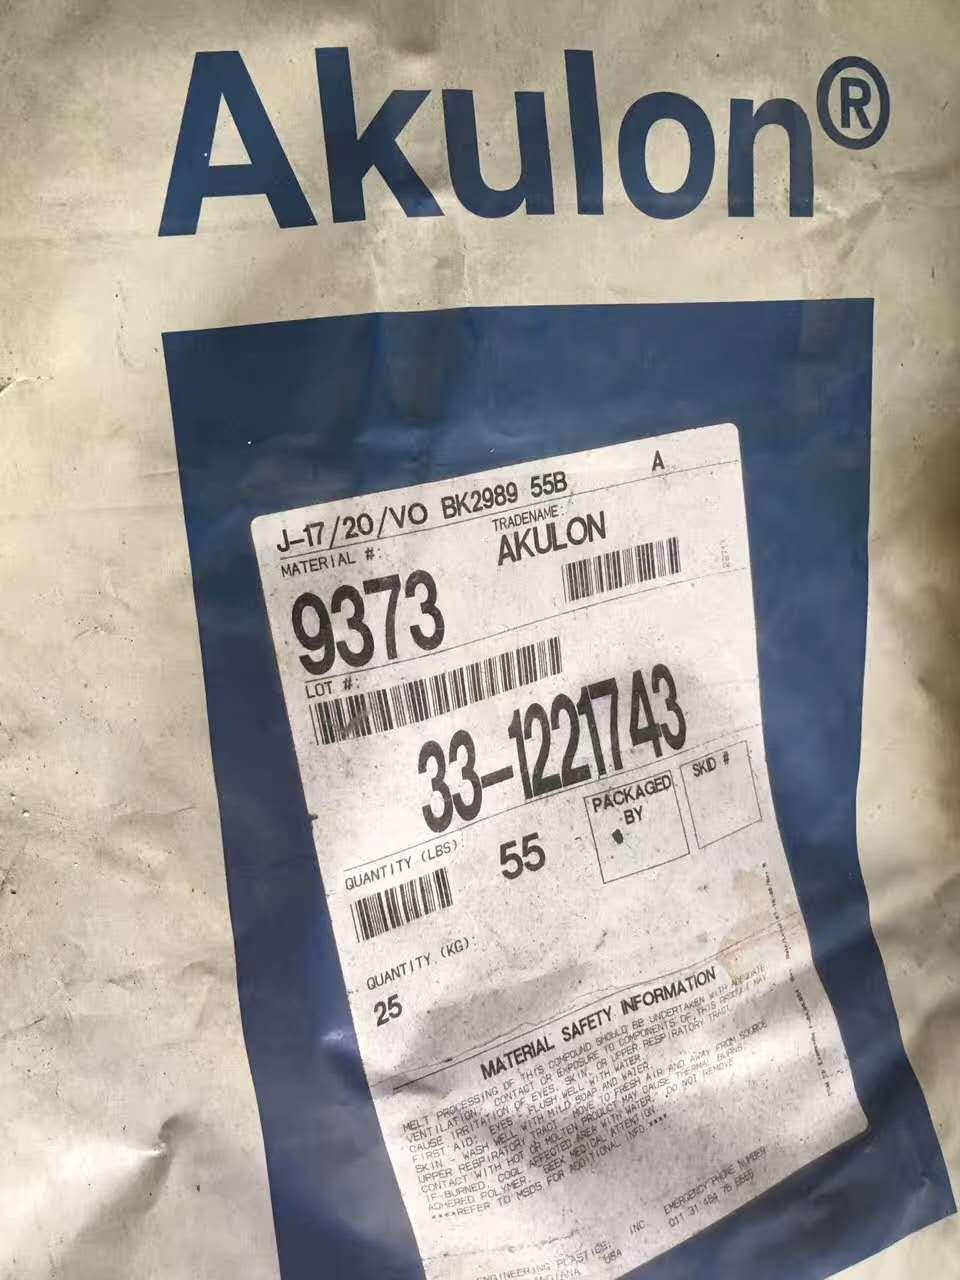 AKULON J-17/20/-V0 BK2989 55B